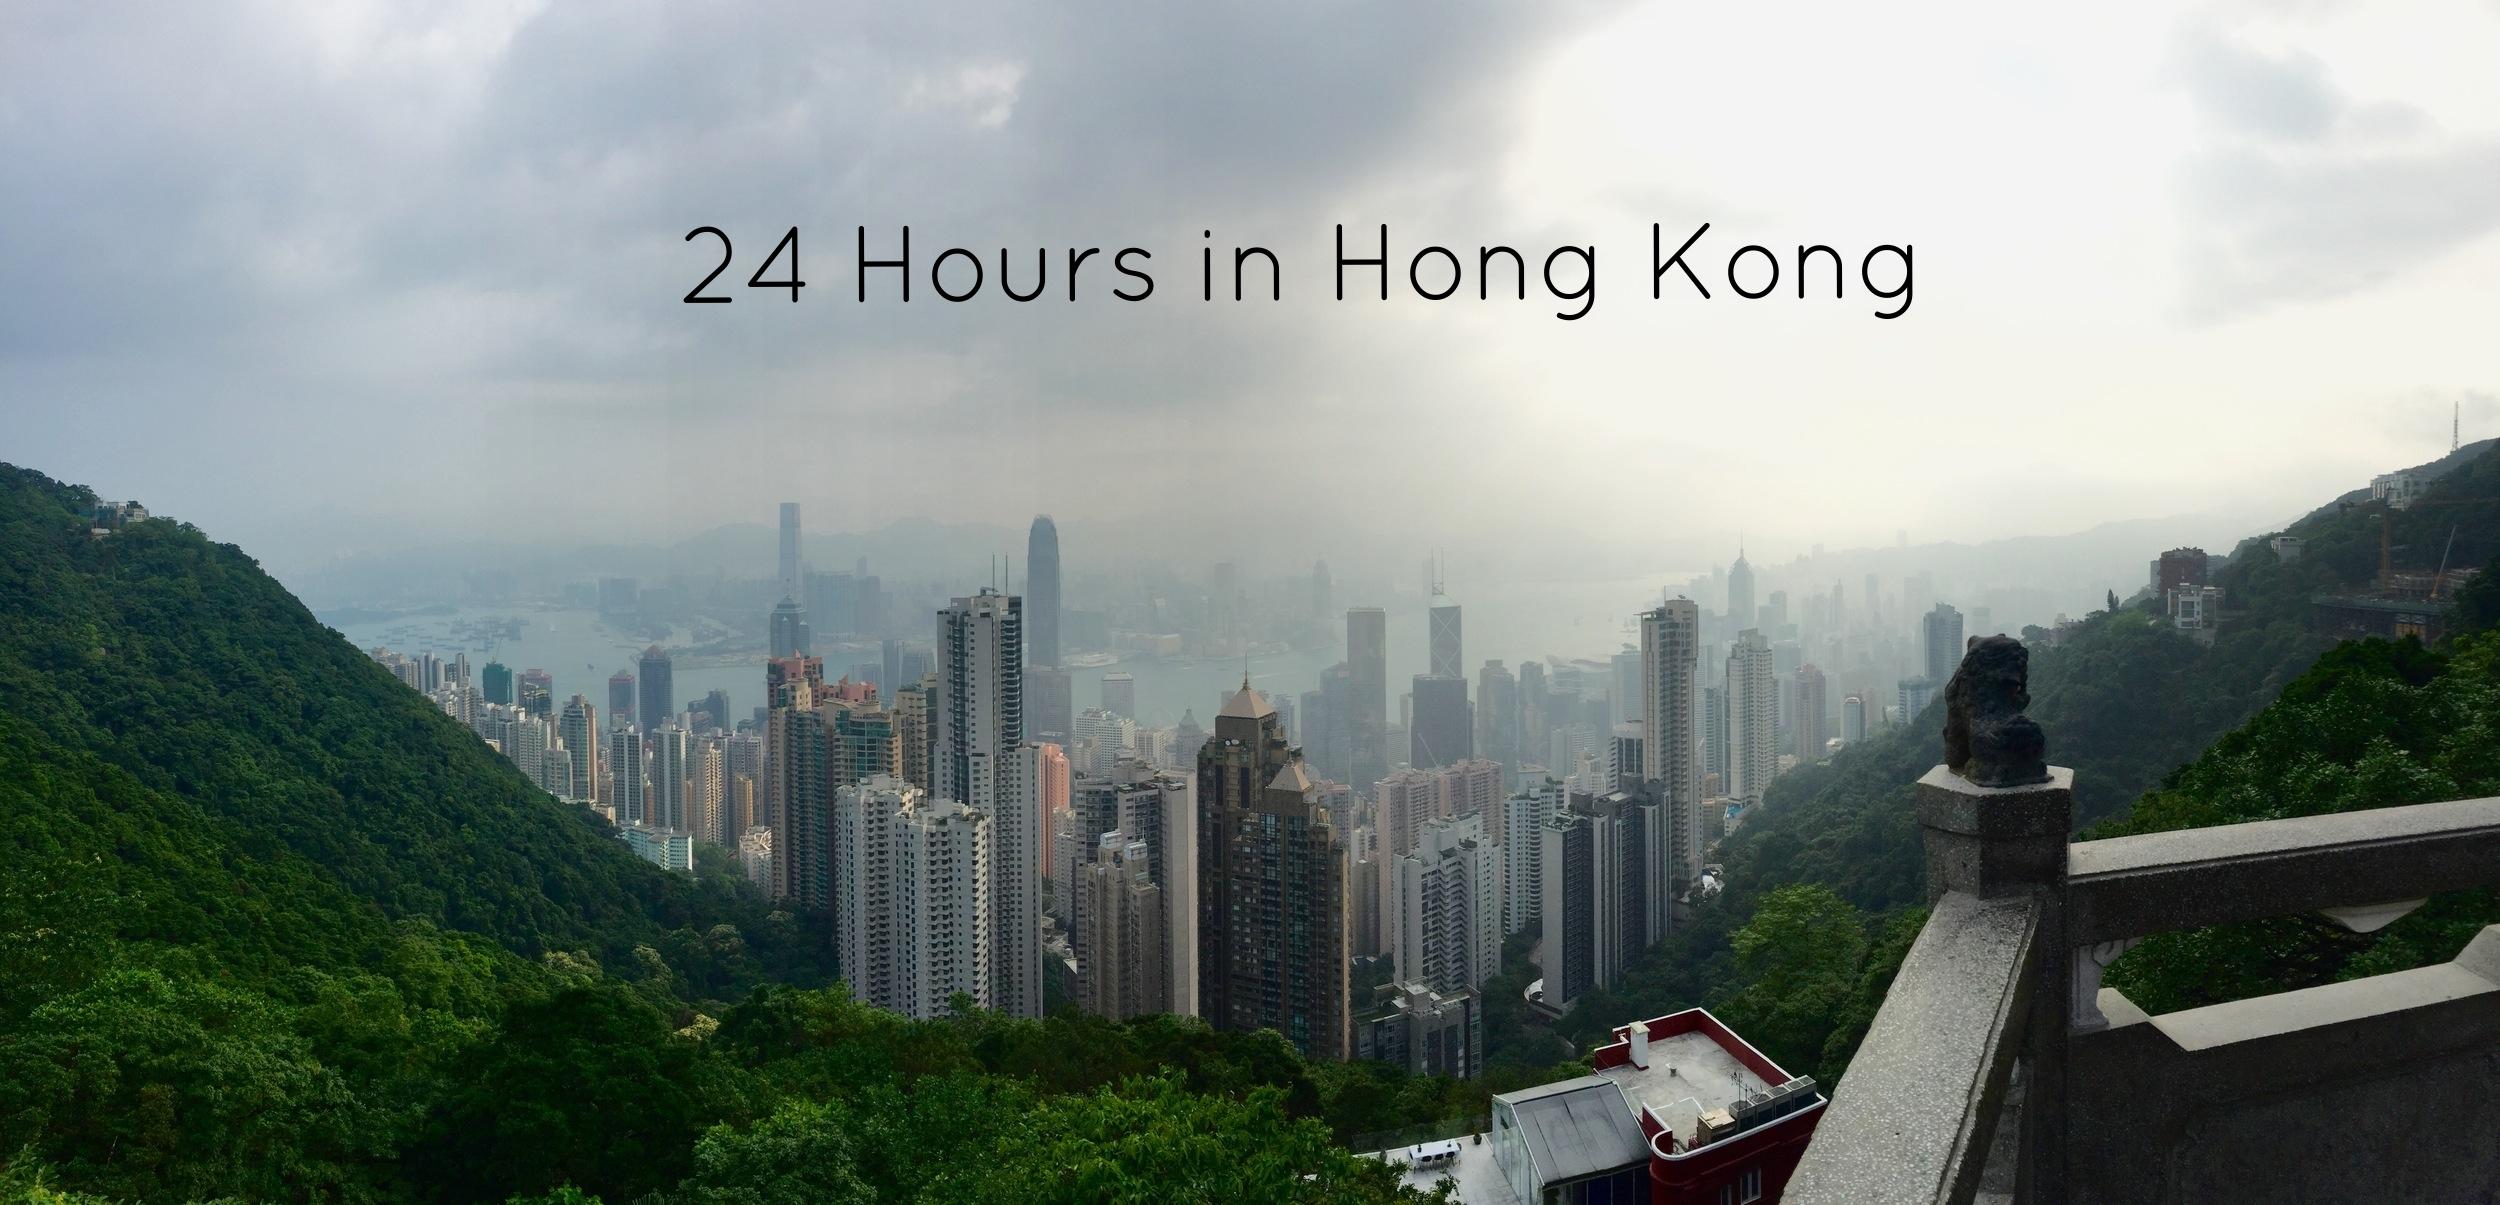 Victoria's Peak in Hong Kong.